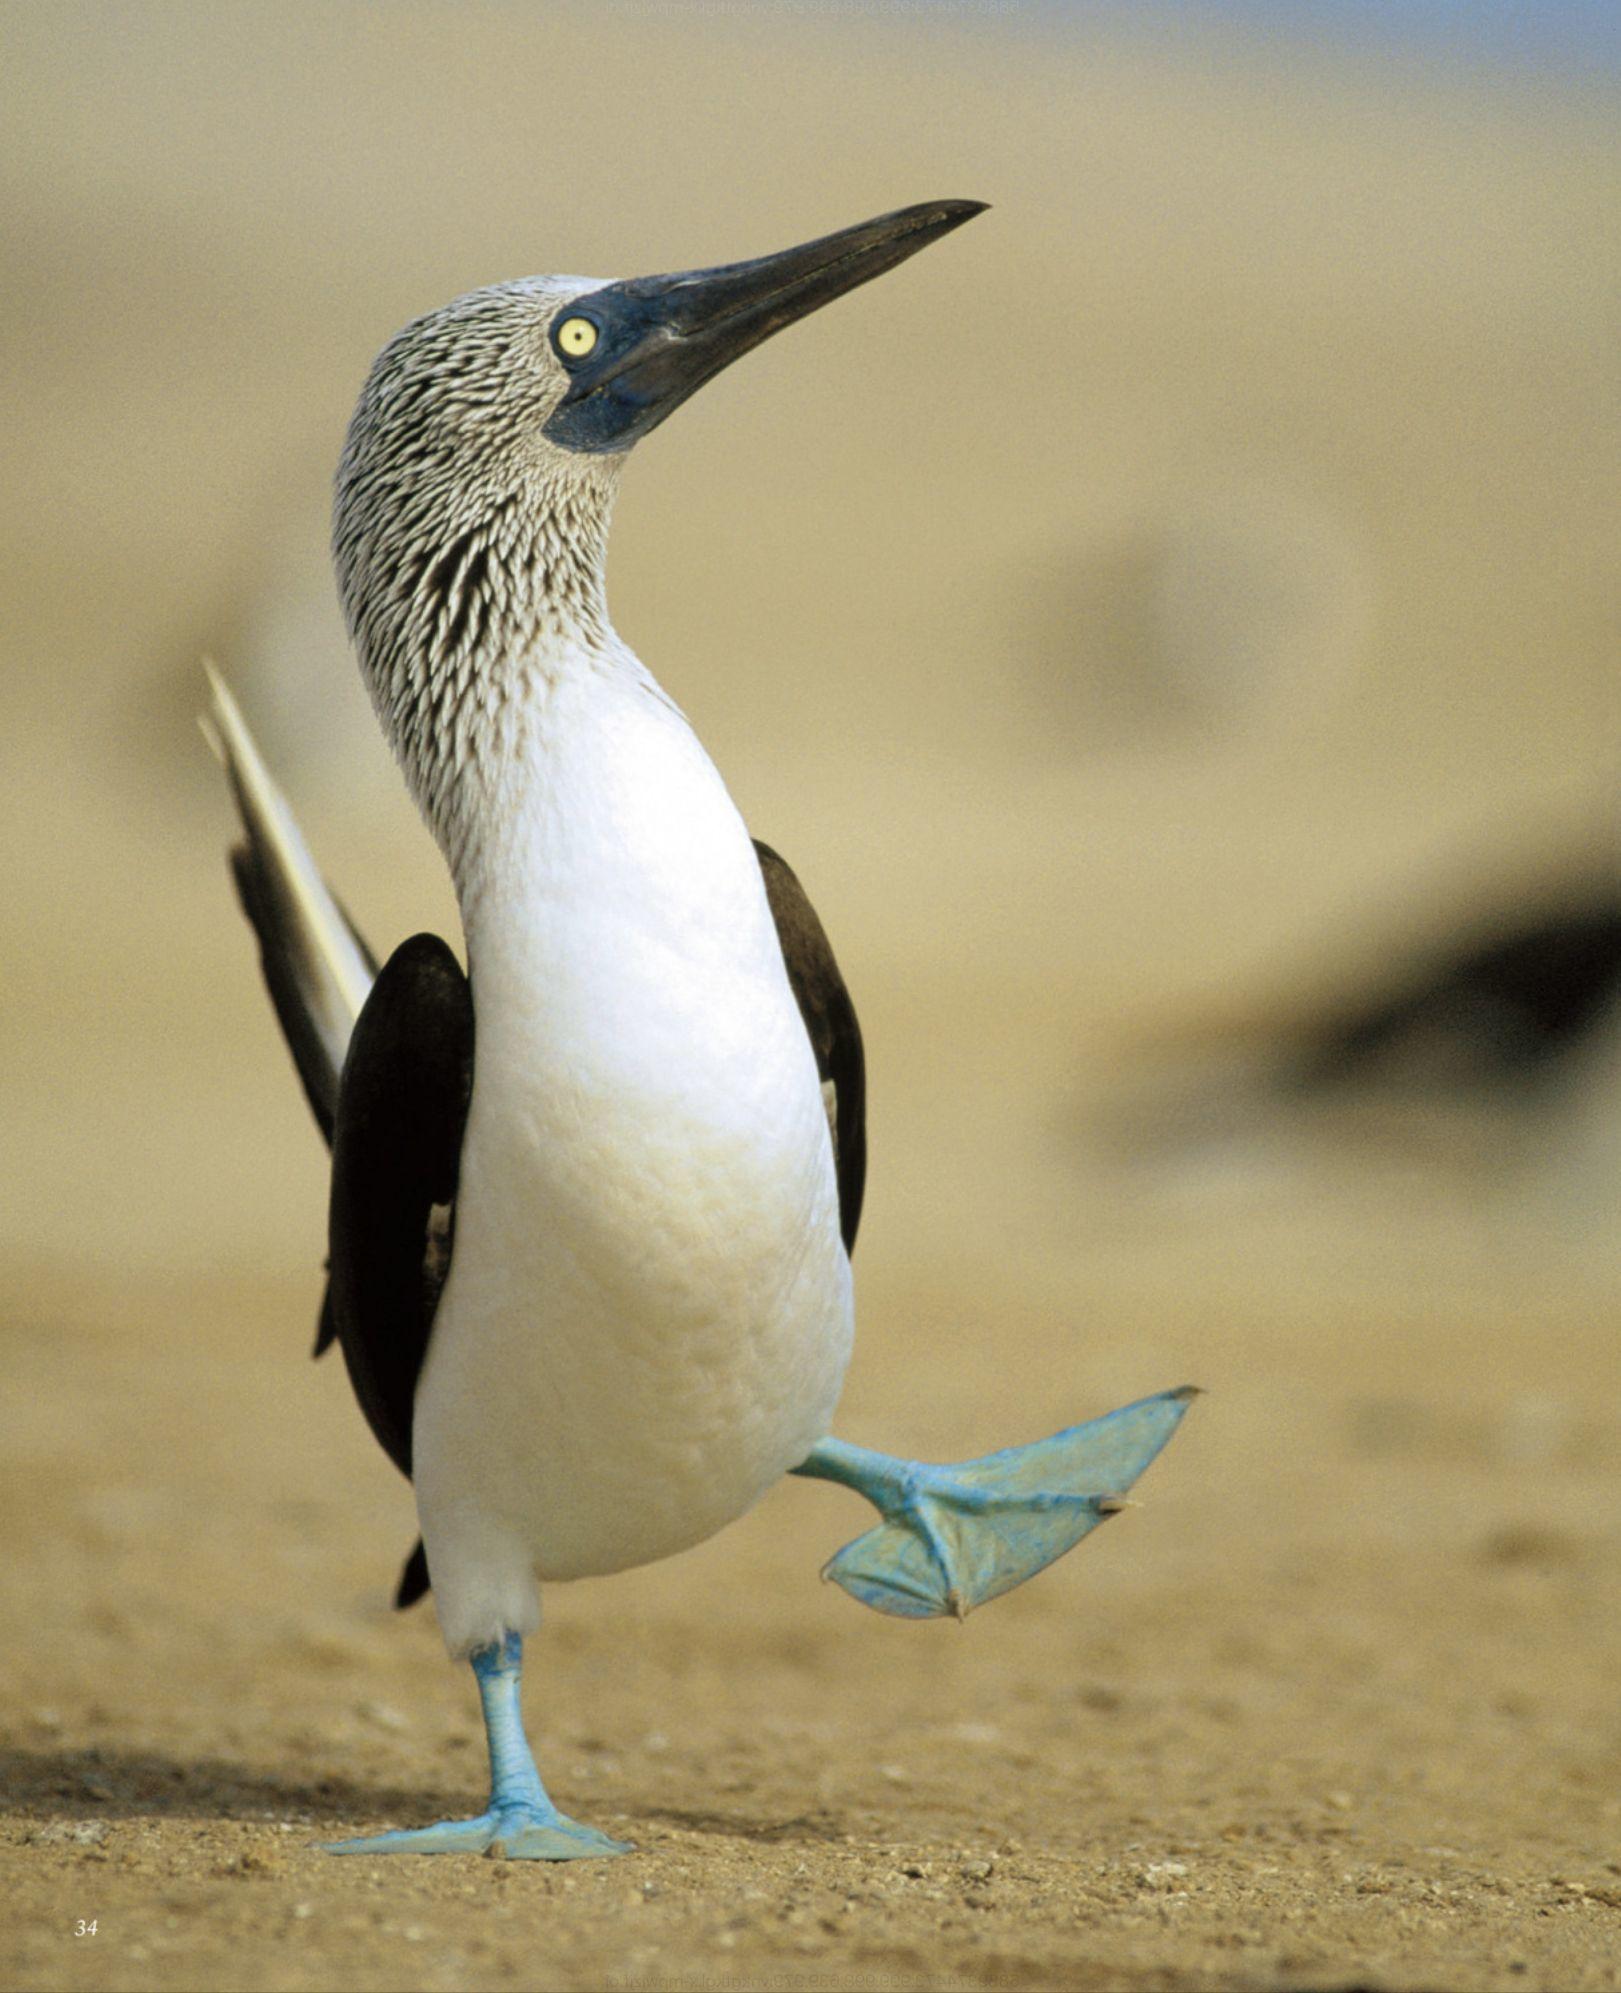 昼からずっと雨でも「世界で一番美しい鳥図鑑」で癒やされました_c0025115_00074487.jpg